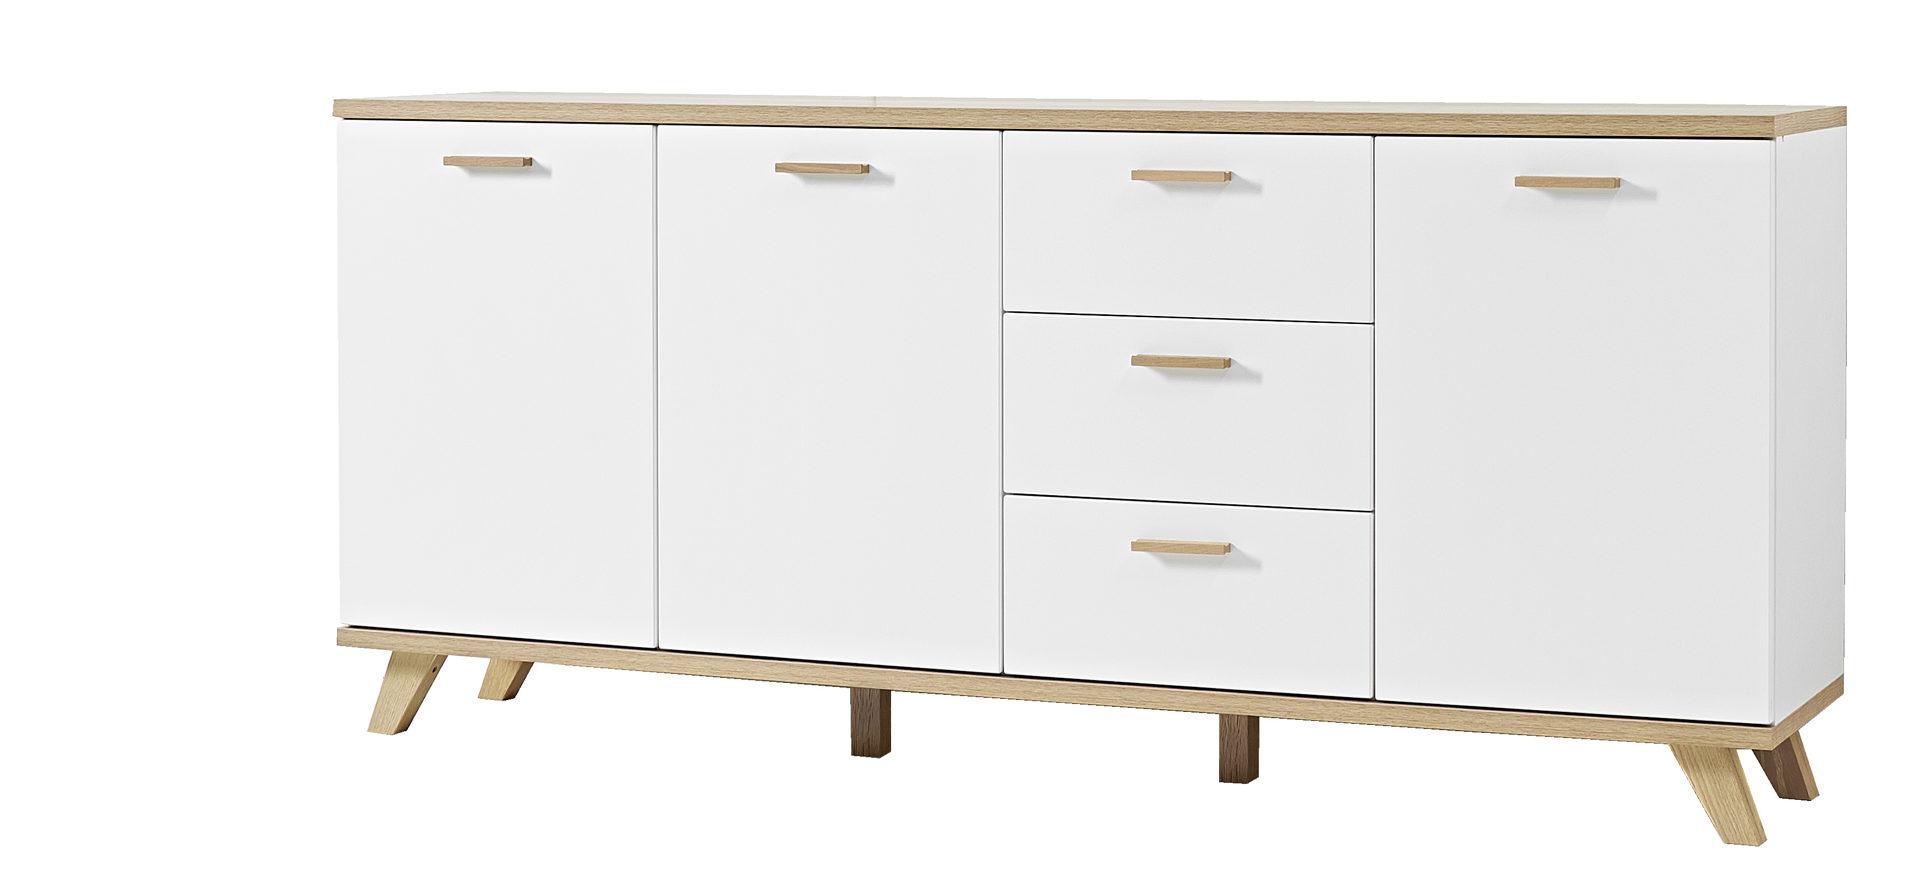 Möbel mit Zukunft GmbH, Räume, Schlafzimmer, Kommoden + Sideboards ...